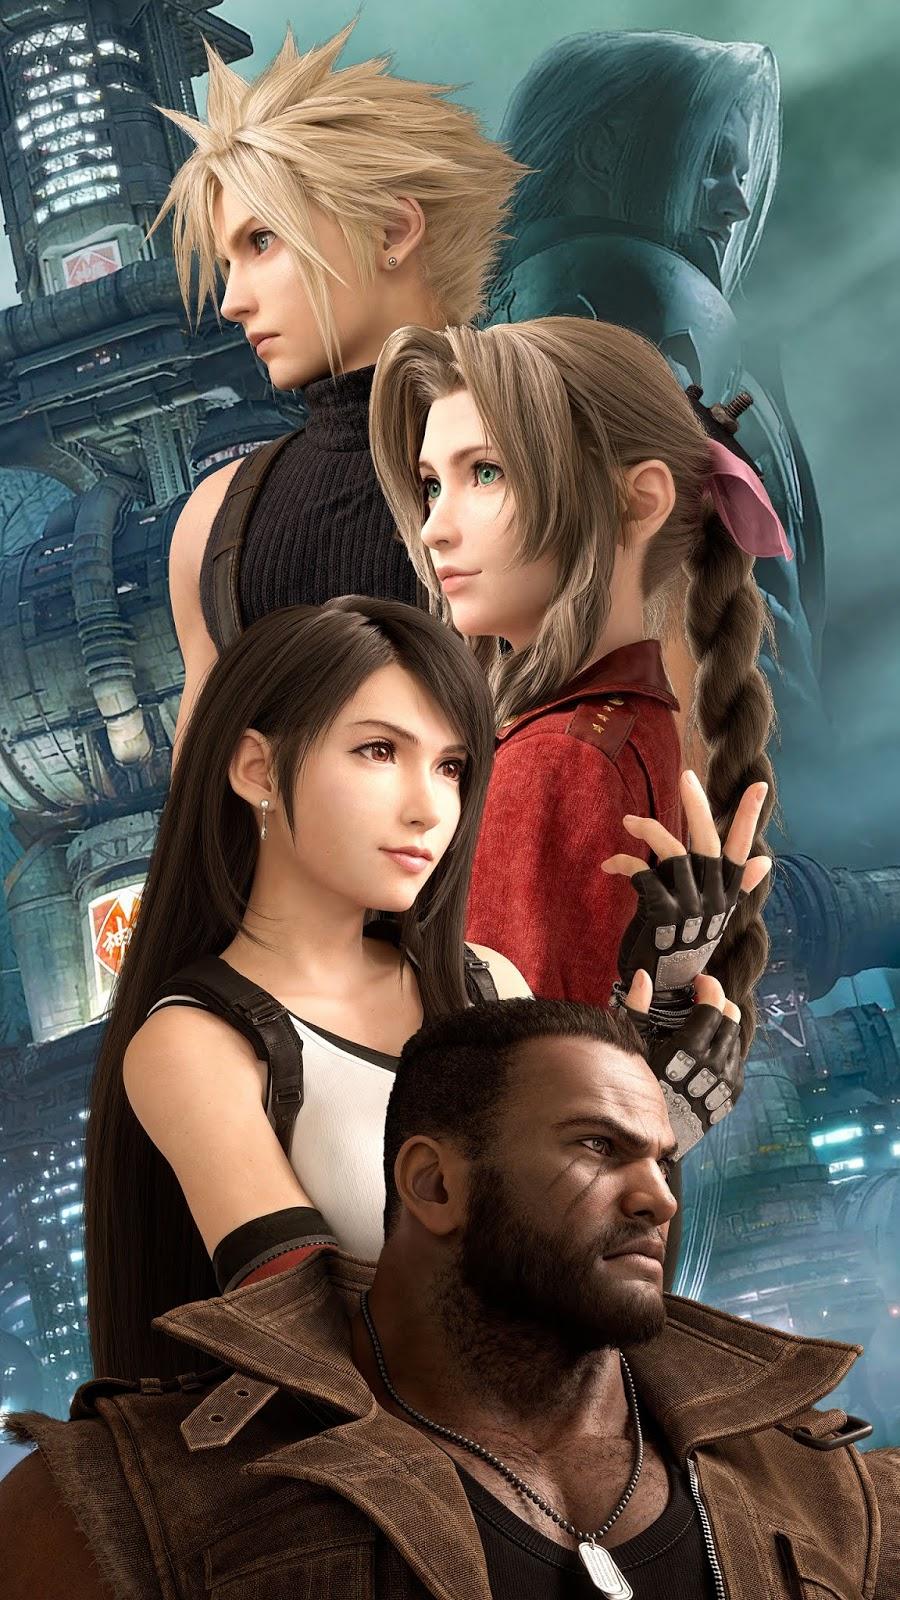 Hình nền Final Fantasy 7 Remake siêu đẹp